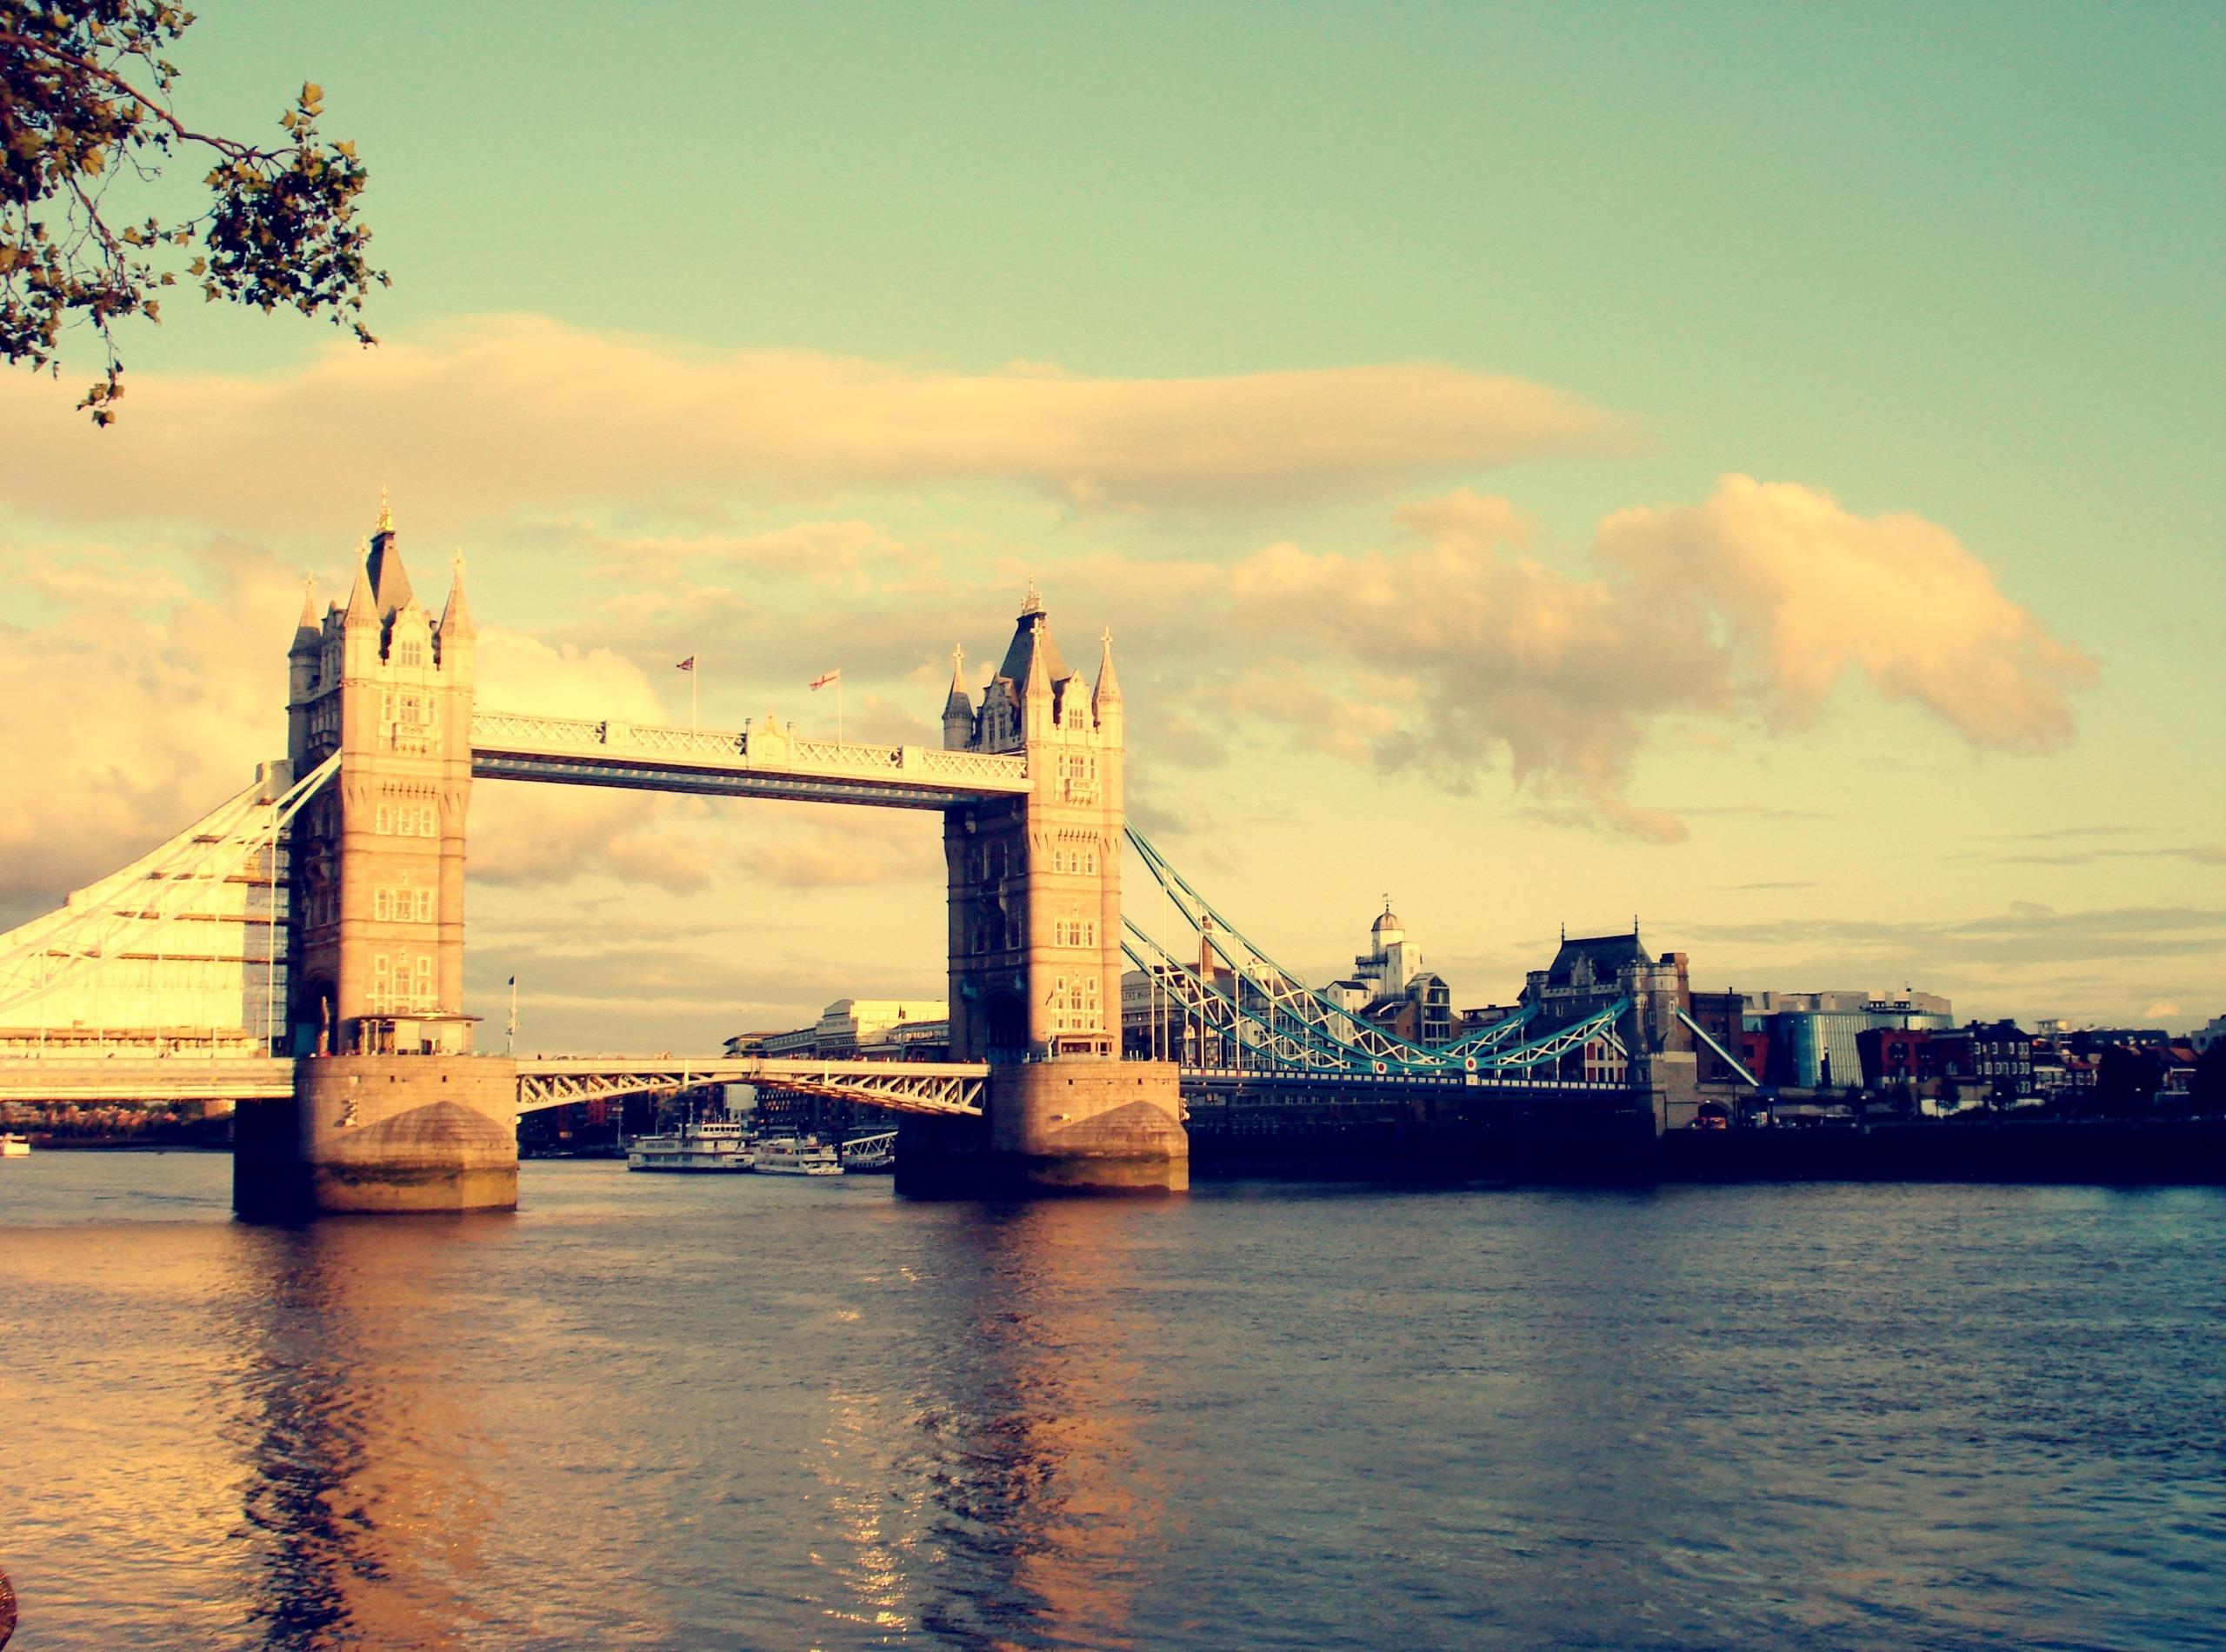 картинки английского моста невидимые, они будут